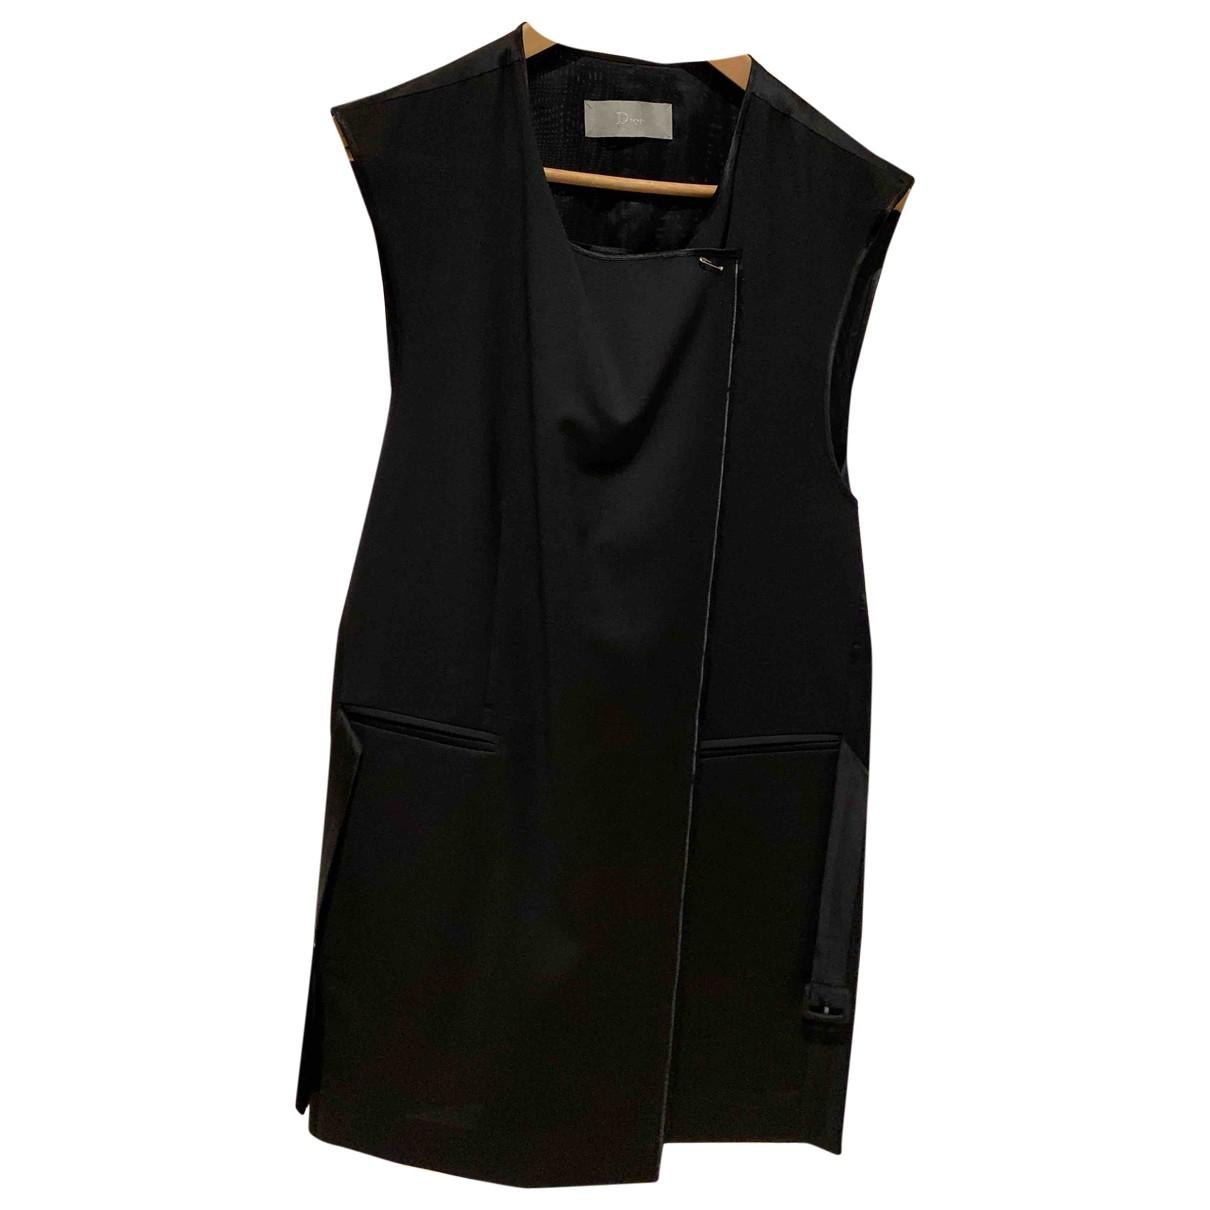 Dior Homme \N Jacke in  Schwarz Wolle